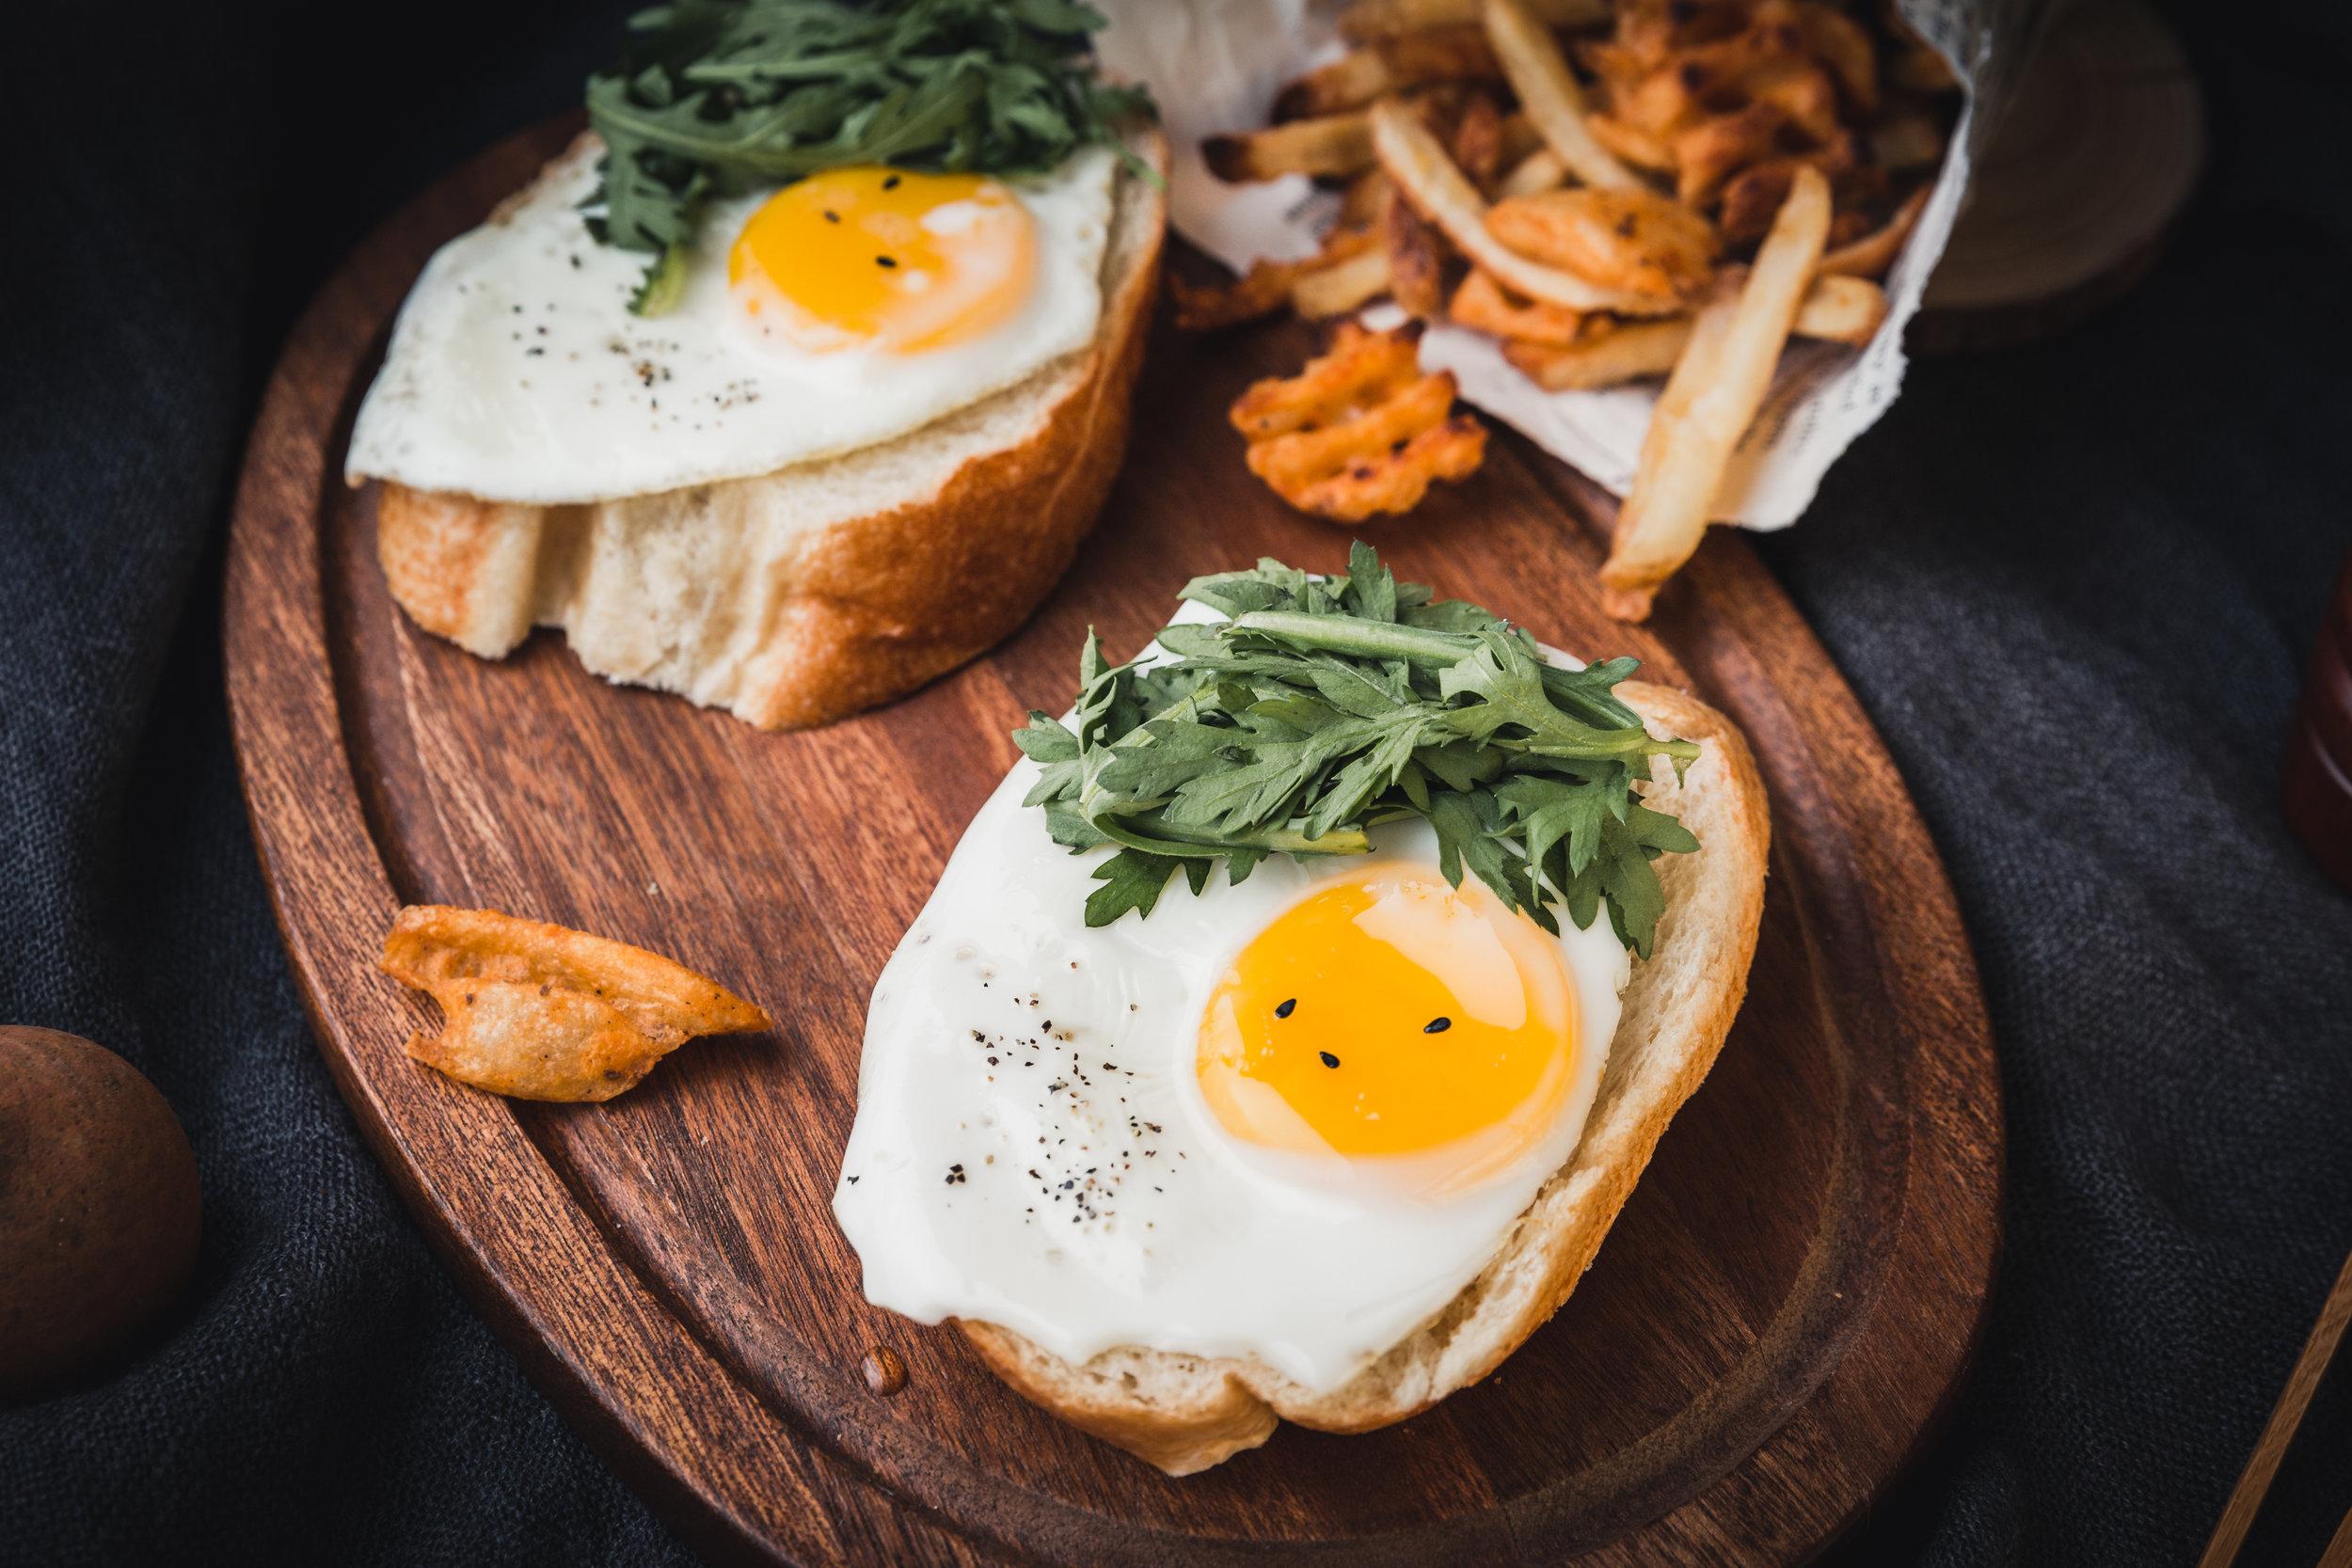 eggs voyedge rx